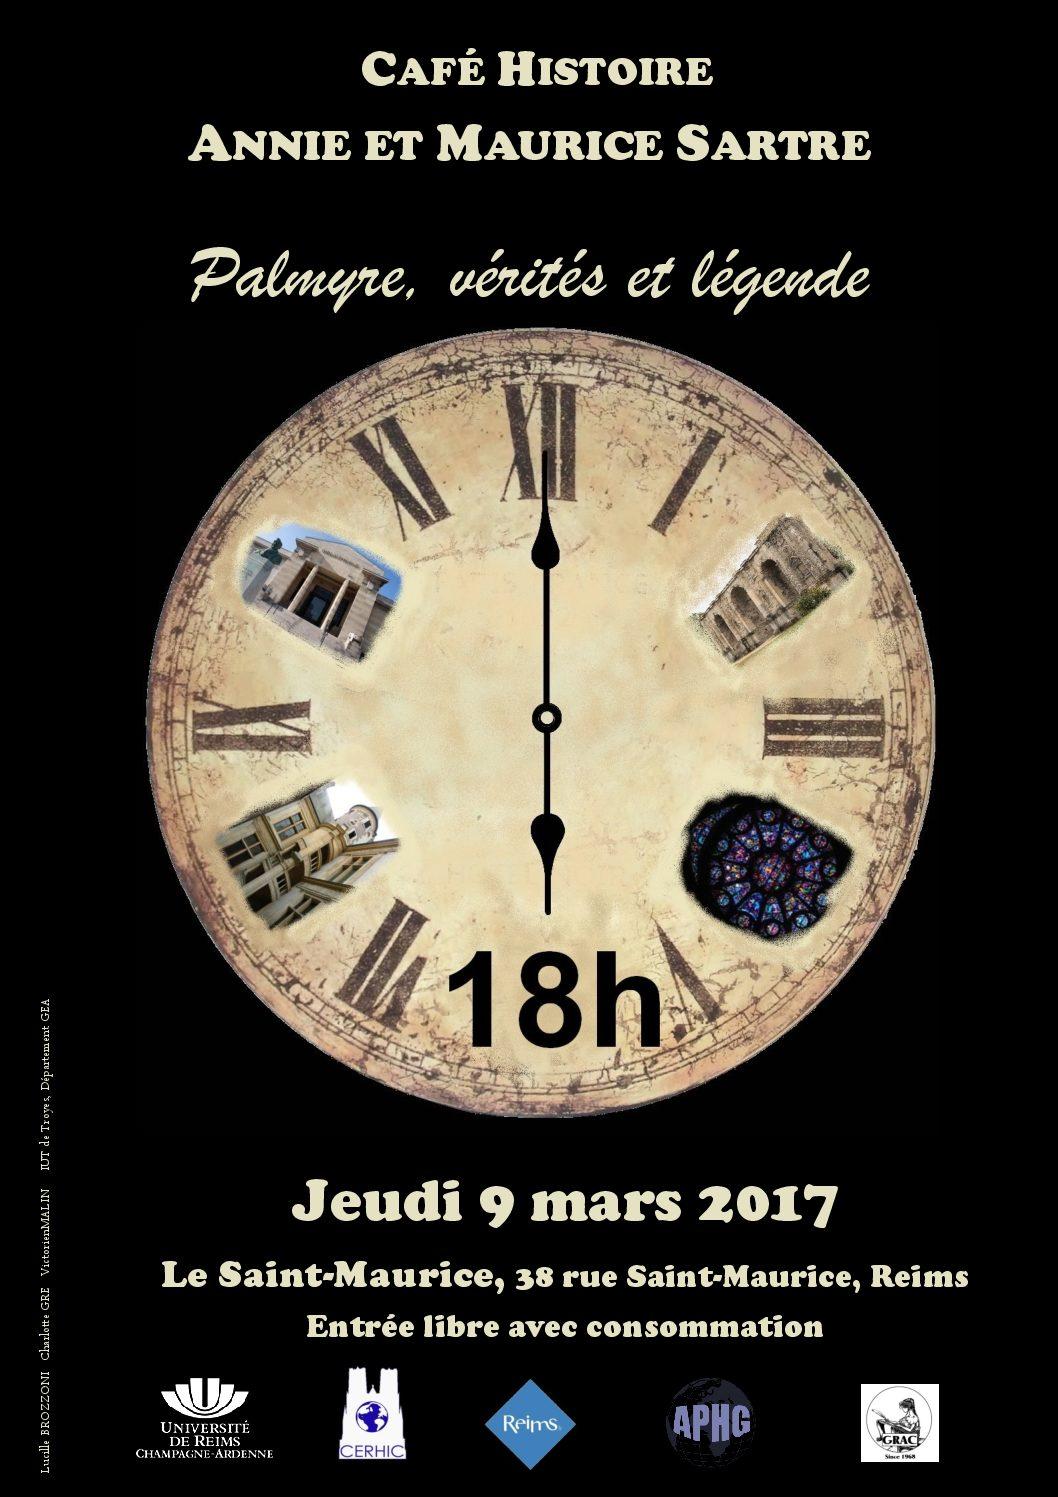 Prochain Café Histoire, 9 mars: Palmyre, vérités et légende